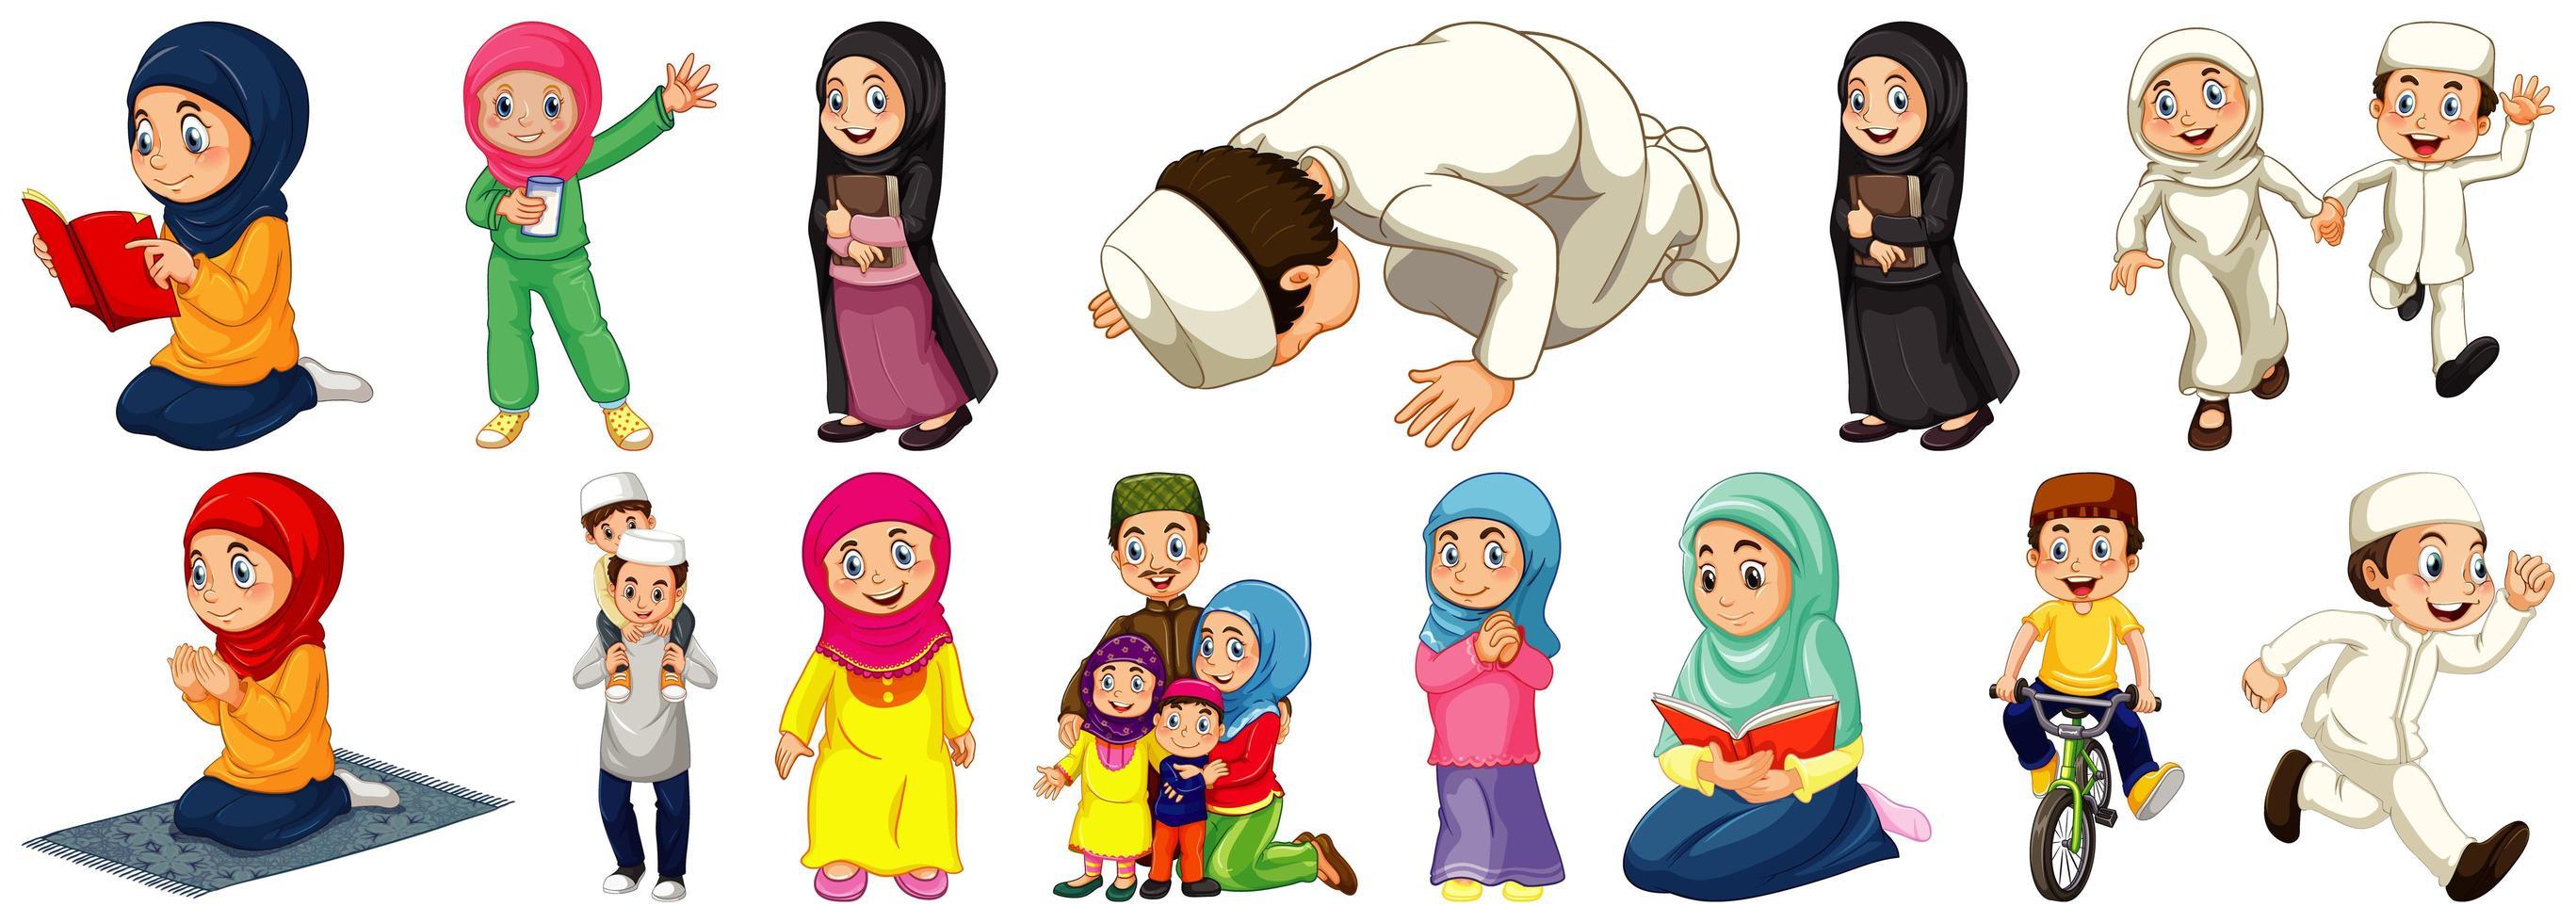 ensemble de personnage de dessin animé de différents musulmans vecteur